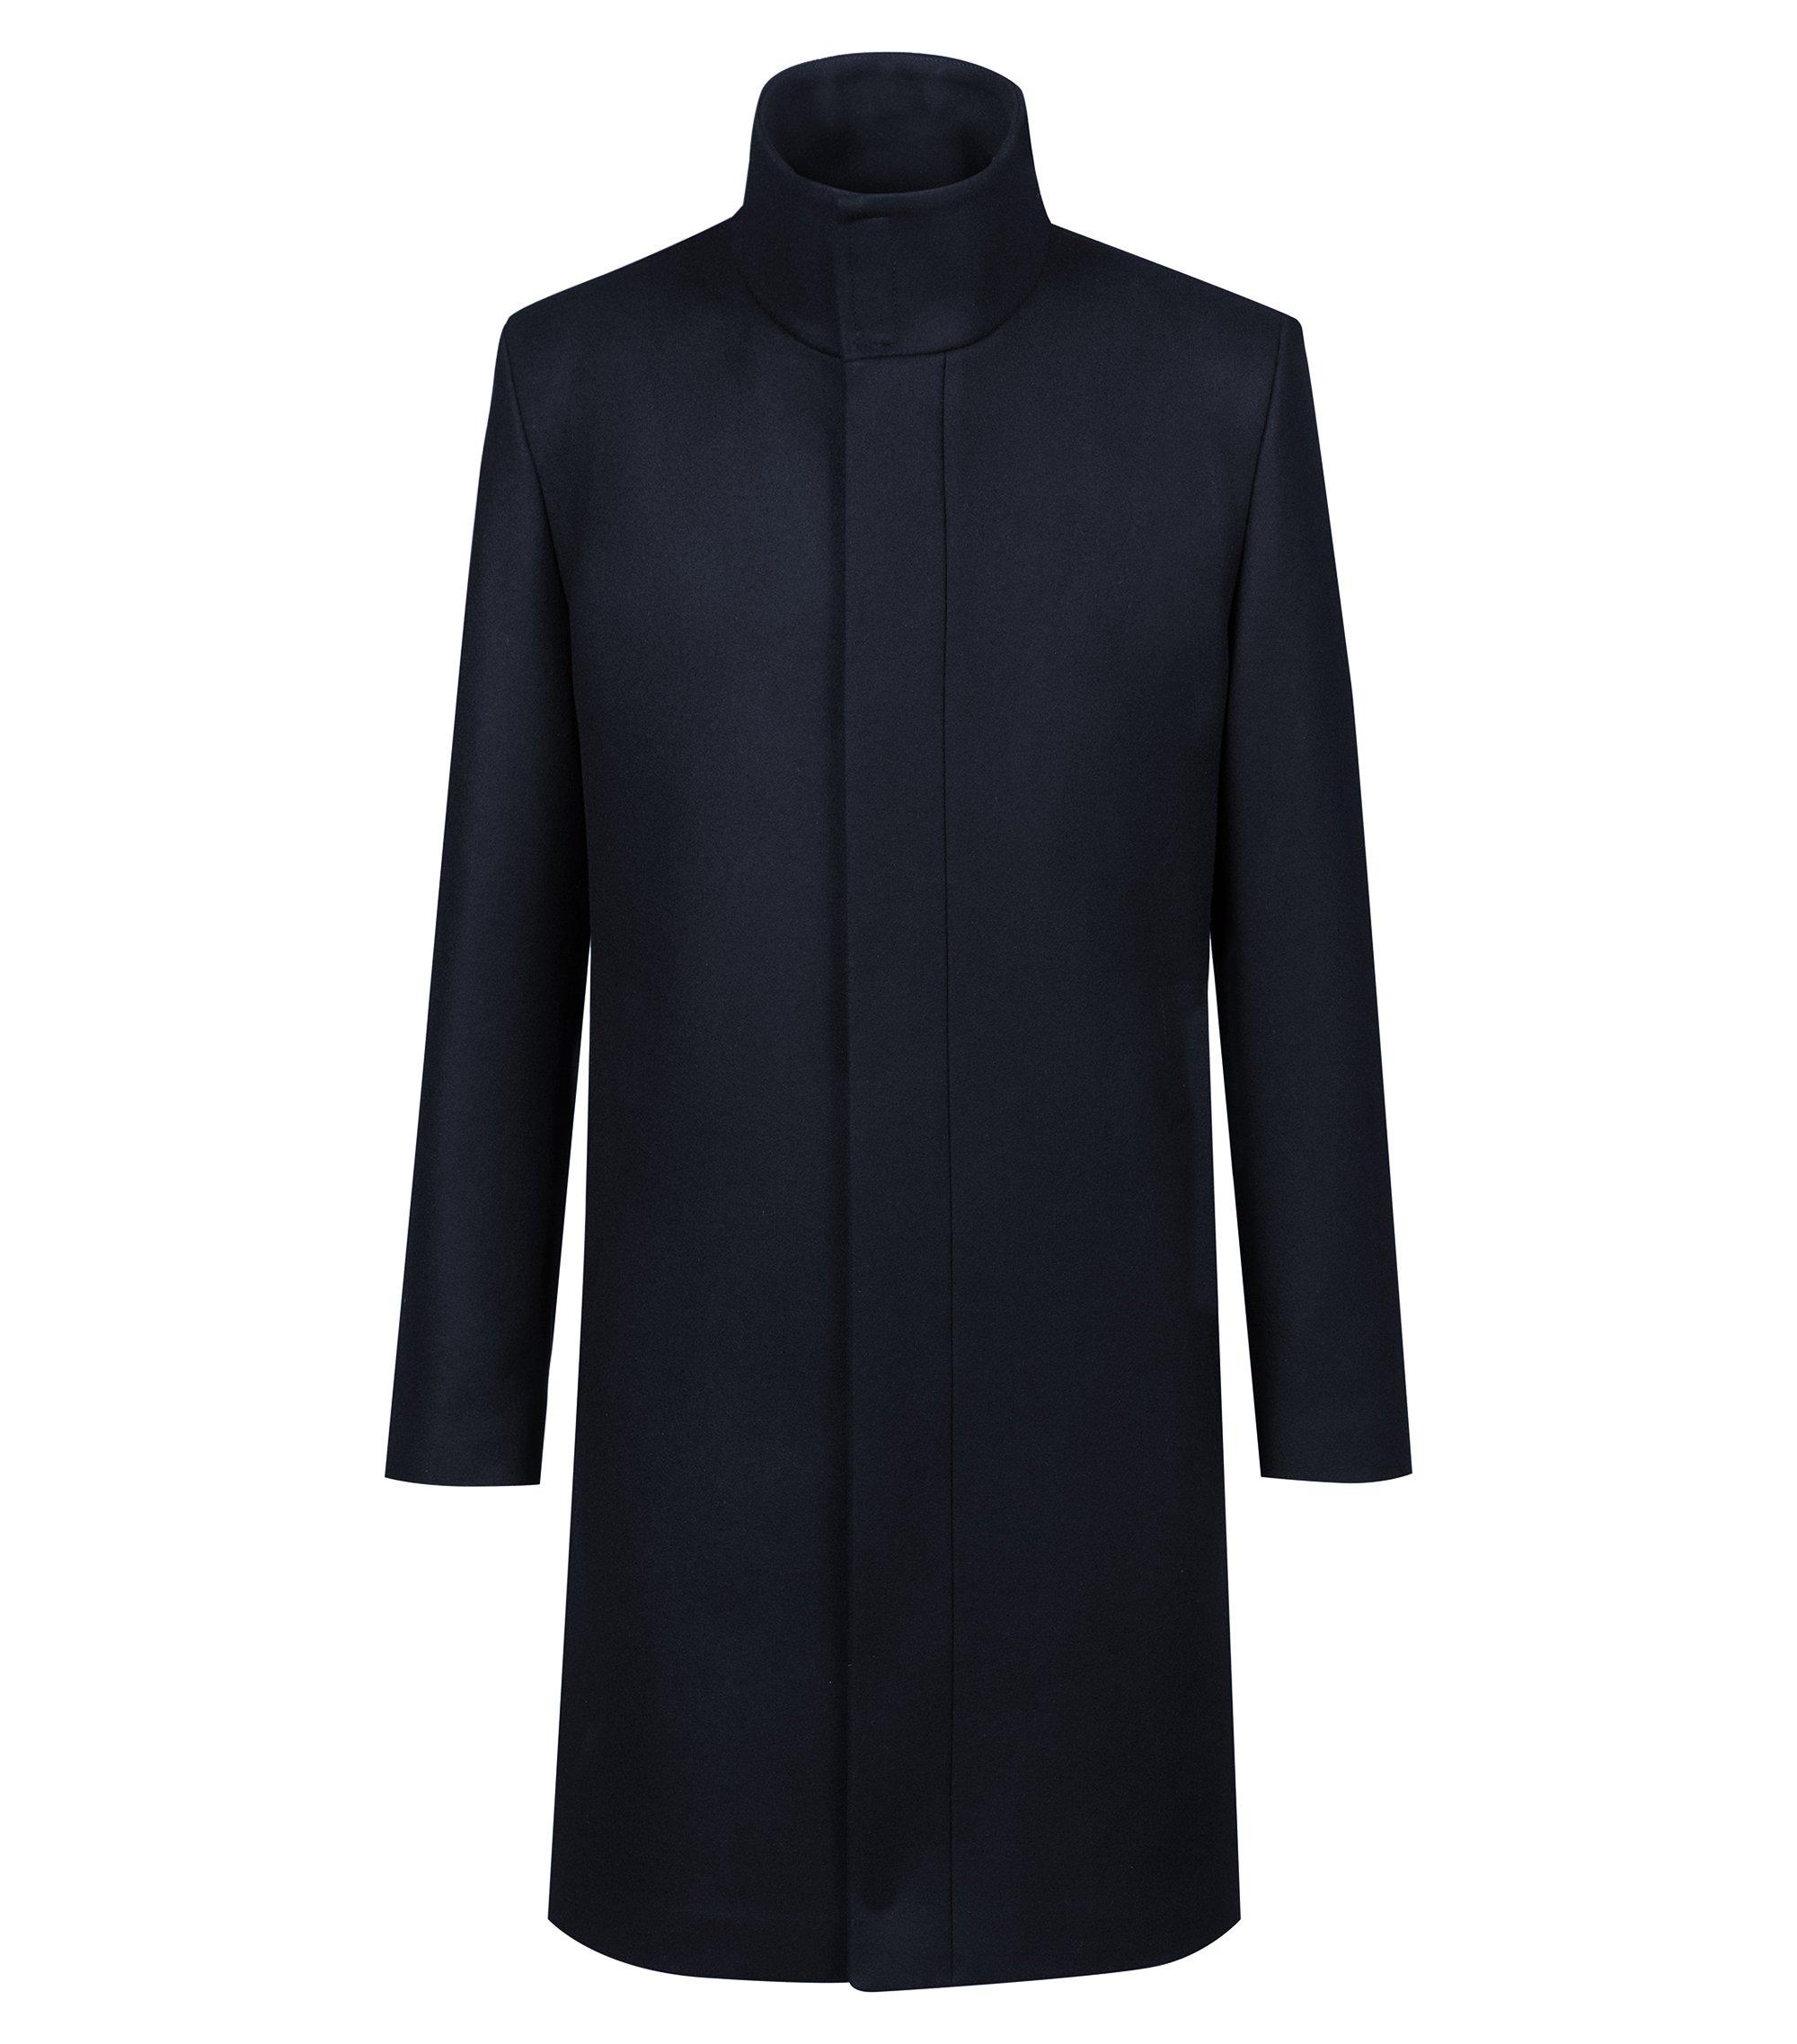 Trench-coat en laine mélangée issu de la collection capsule Bits & Bytes, Bleu foncé